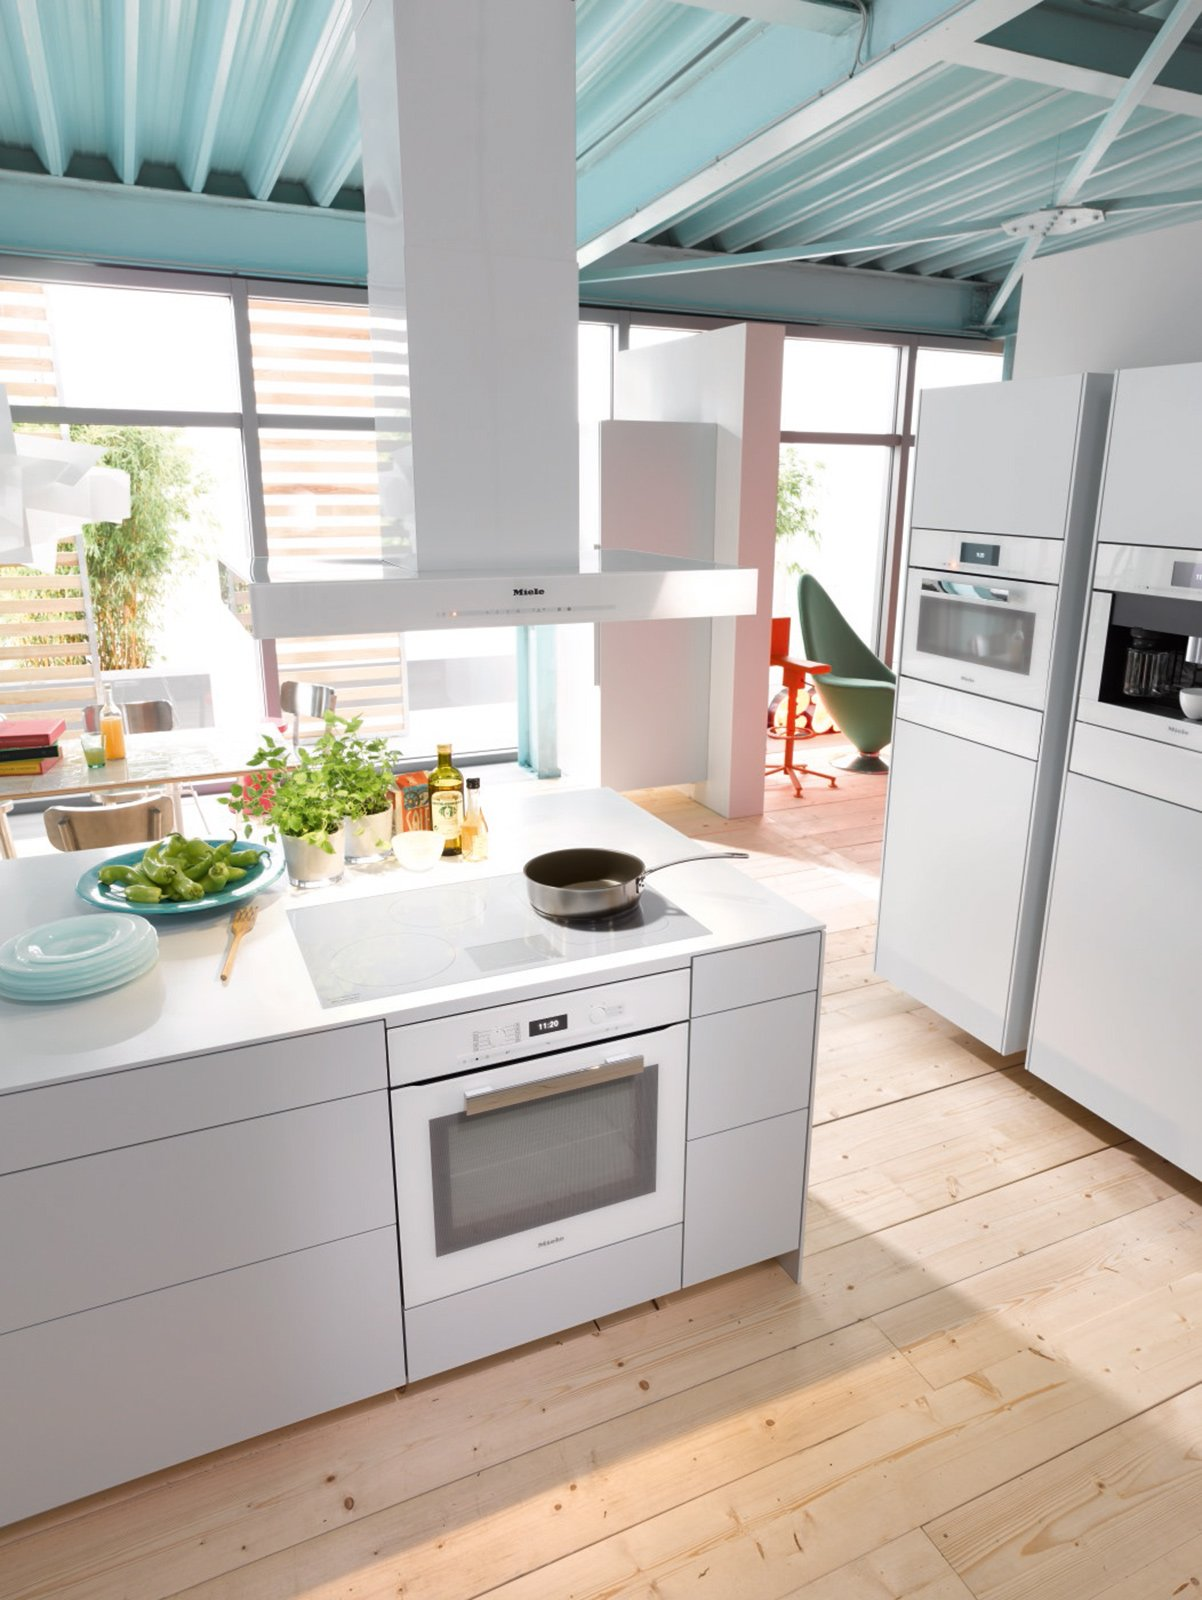 Total white in cucina anche per gli elettrodomestici - Elettrodomestici in cucina ...